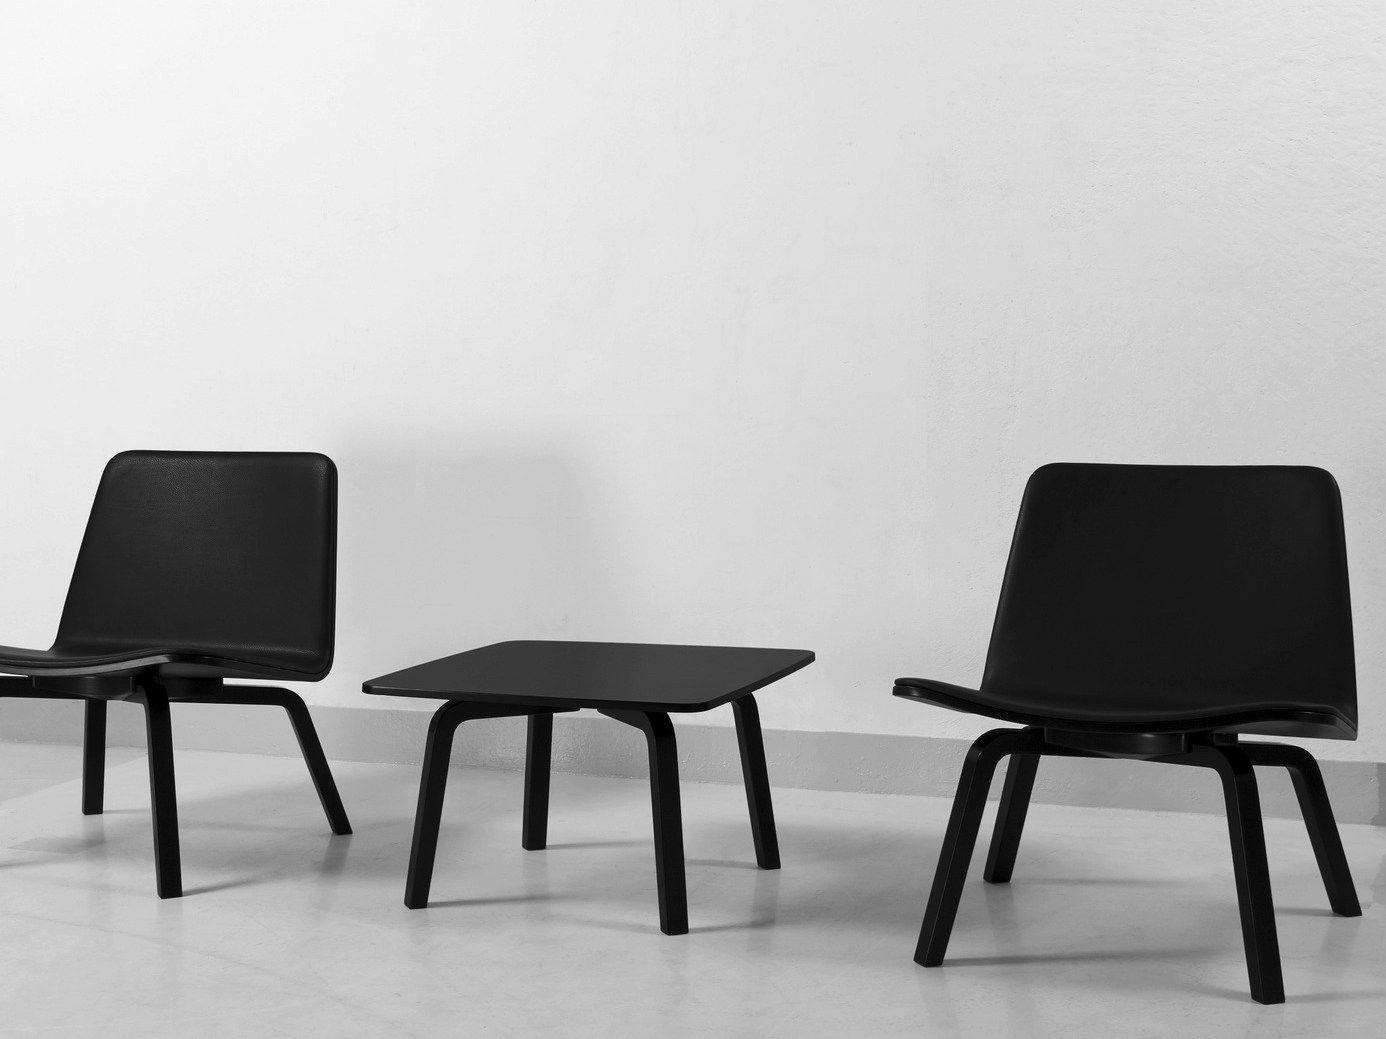 Hk002 Easy Chair By Artek Design Harri Koskinen